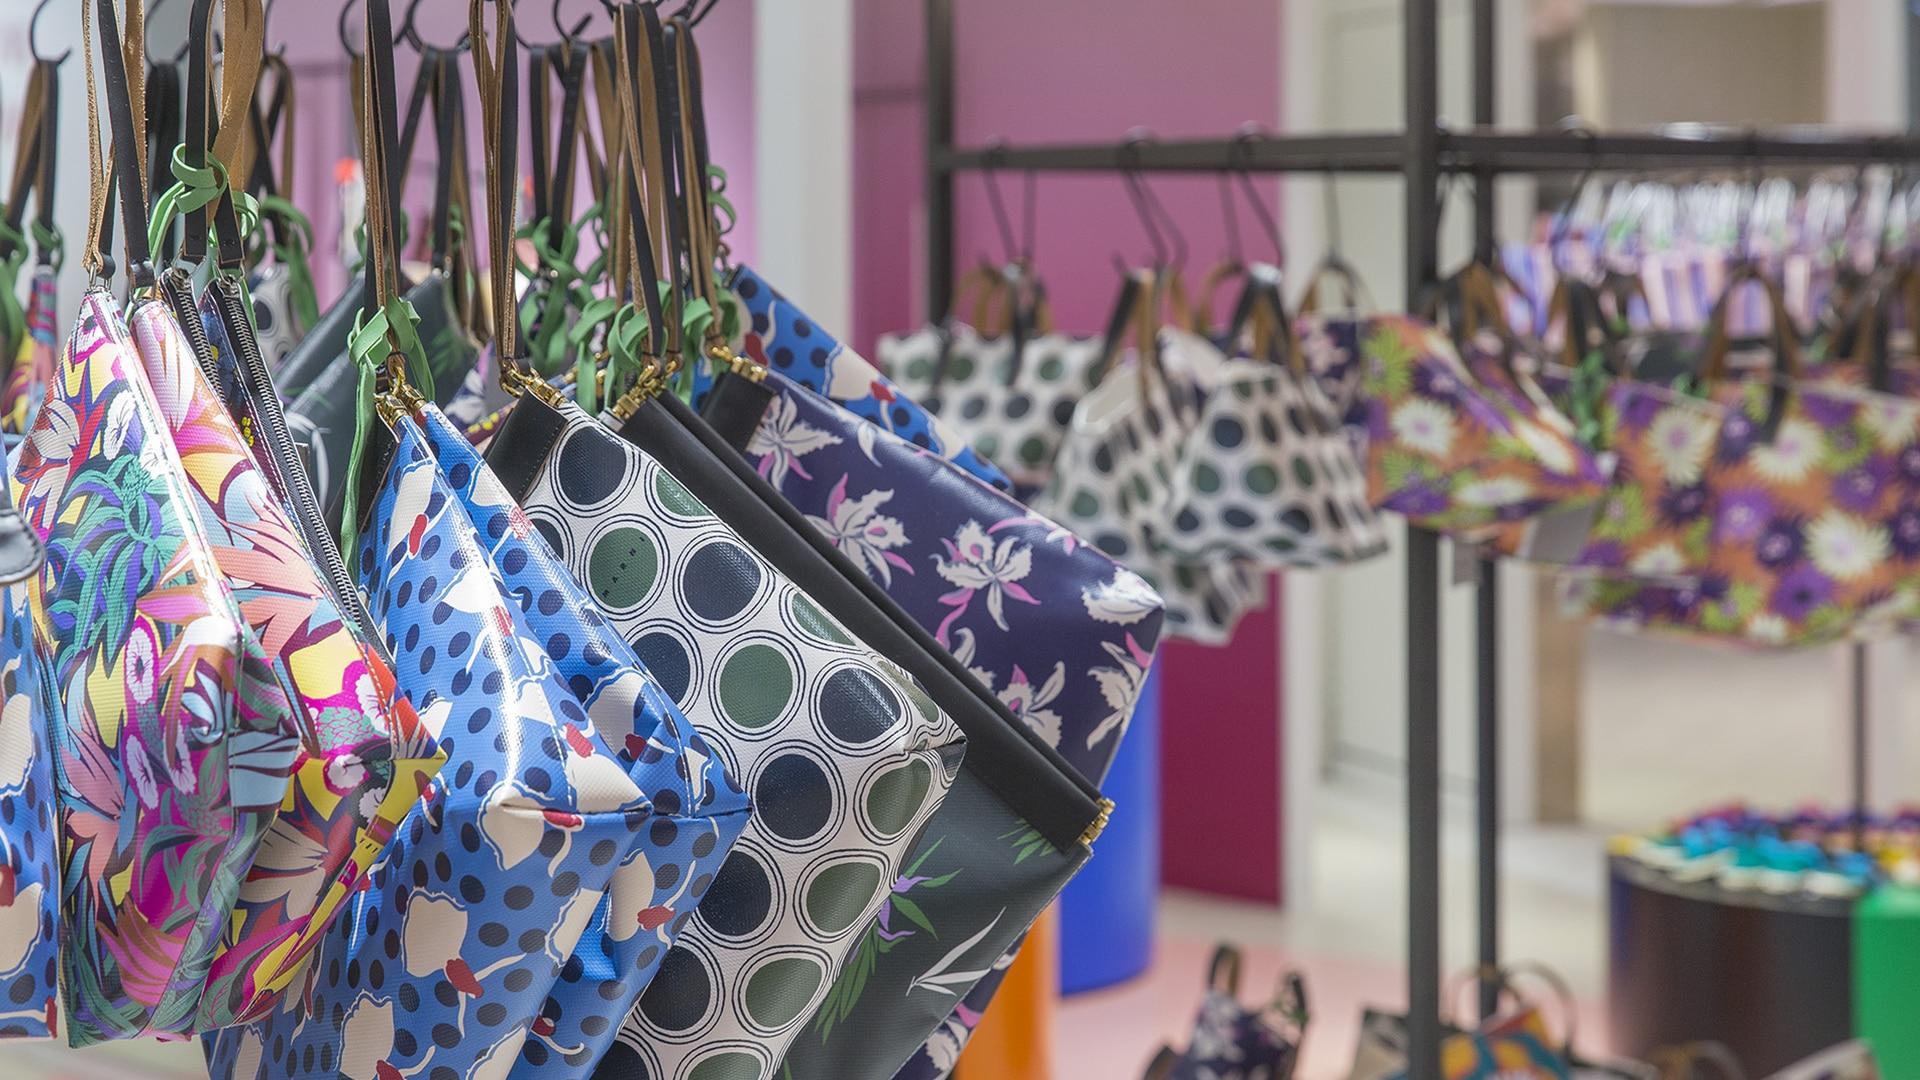 Marni Market pop up in Nagoya and Fukuoka 2017 interior 3. Bags close up.